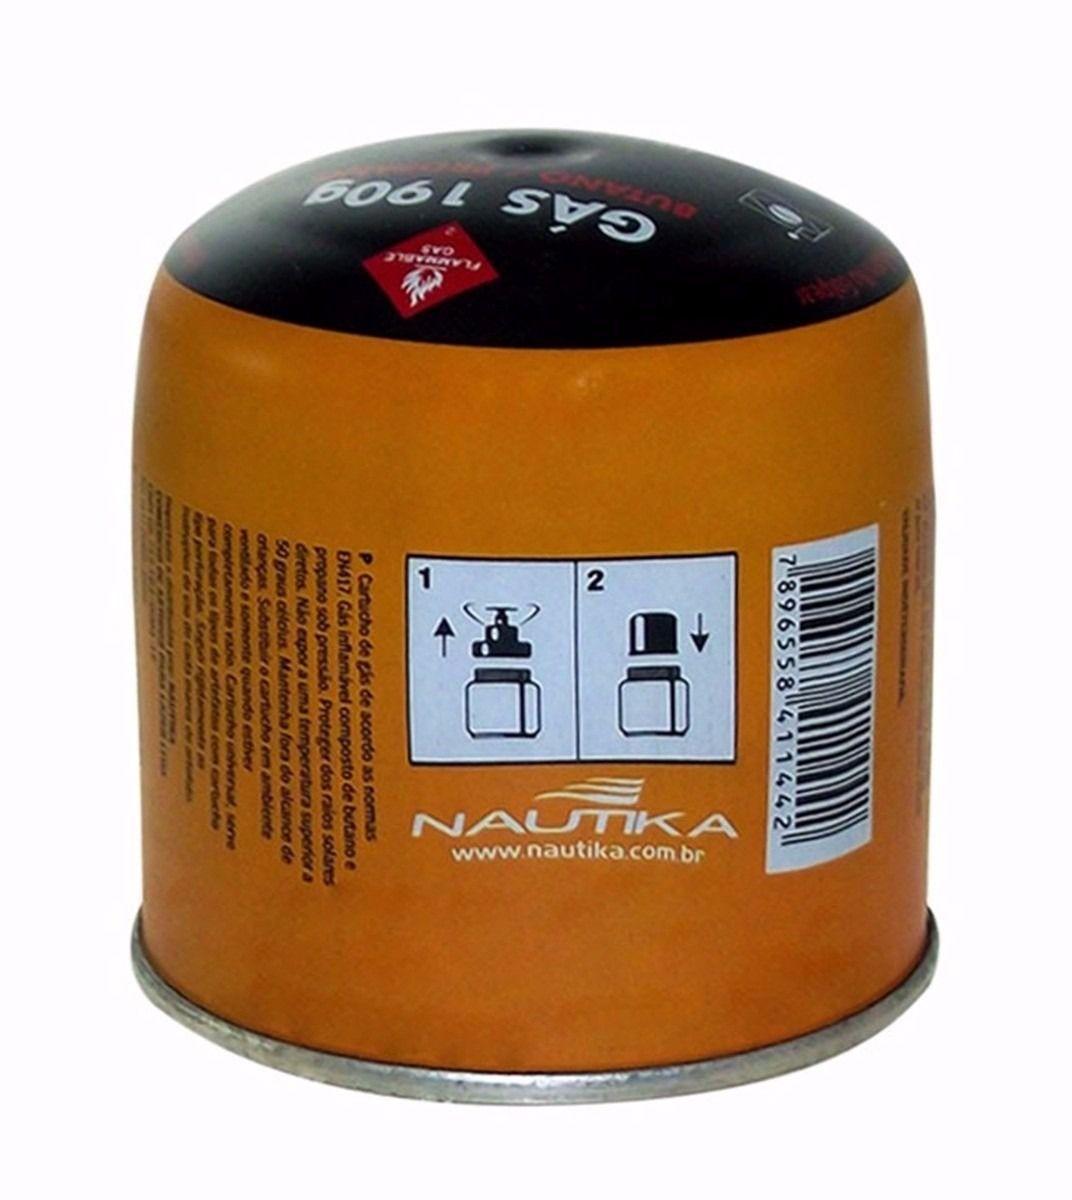 Cartucho de Gás para Lampiões ou Fogareiros 190g - Nautika  - Loja Portal